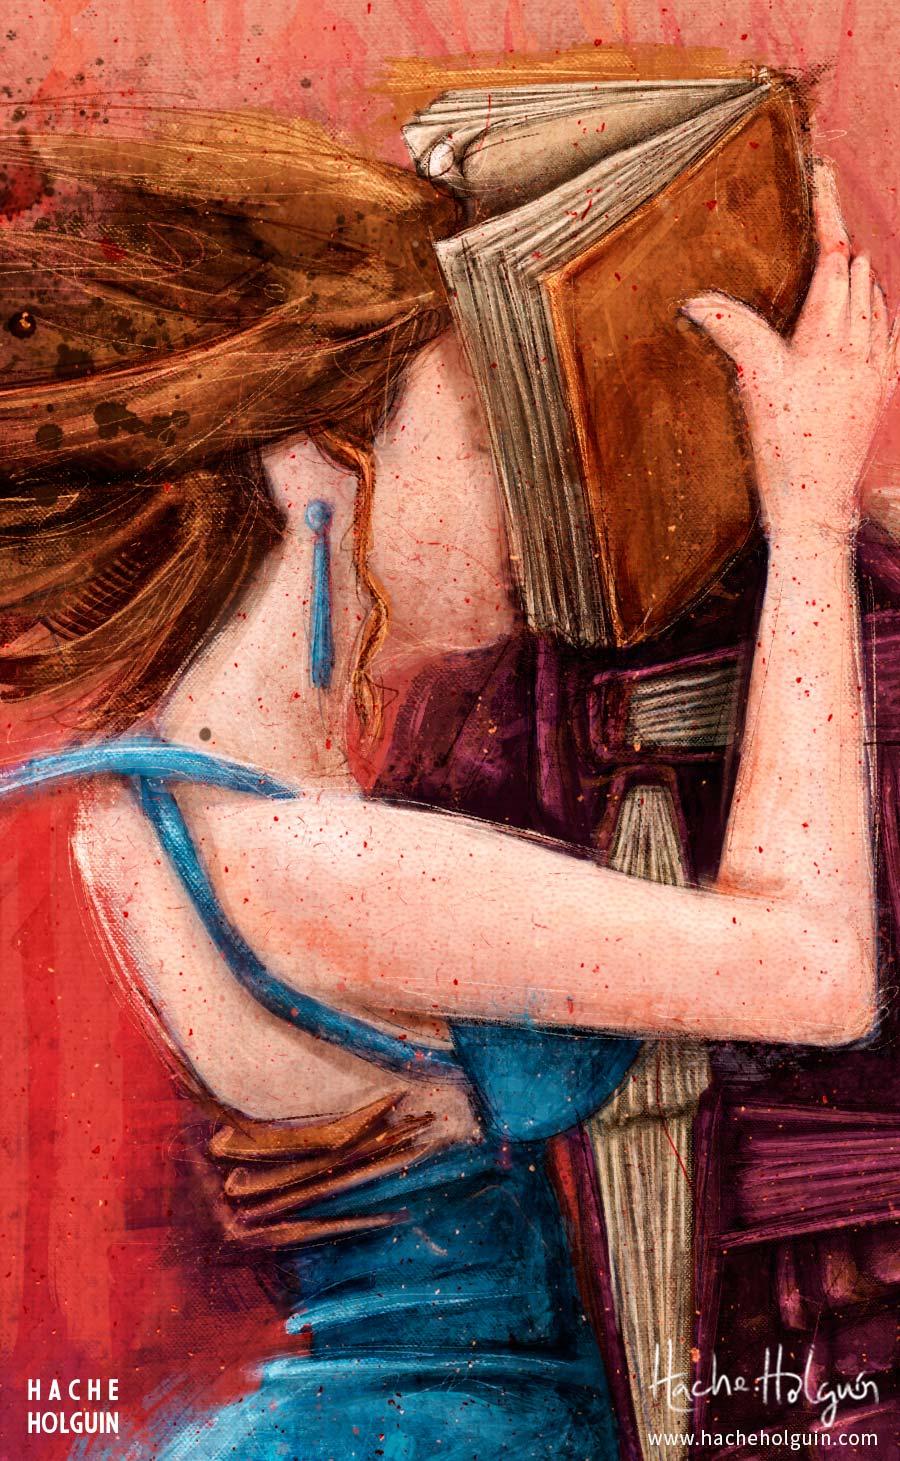 Ilustración. Tangos y letras para la revista Libros y Letras por Hache Holguín